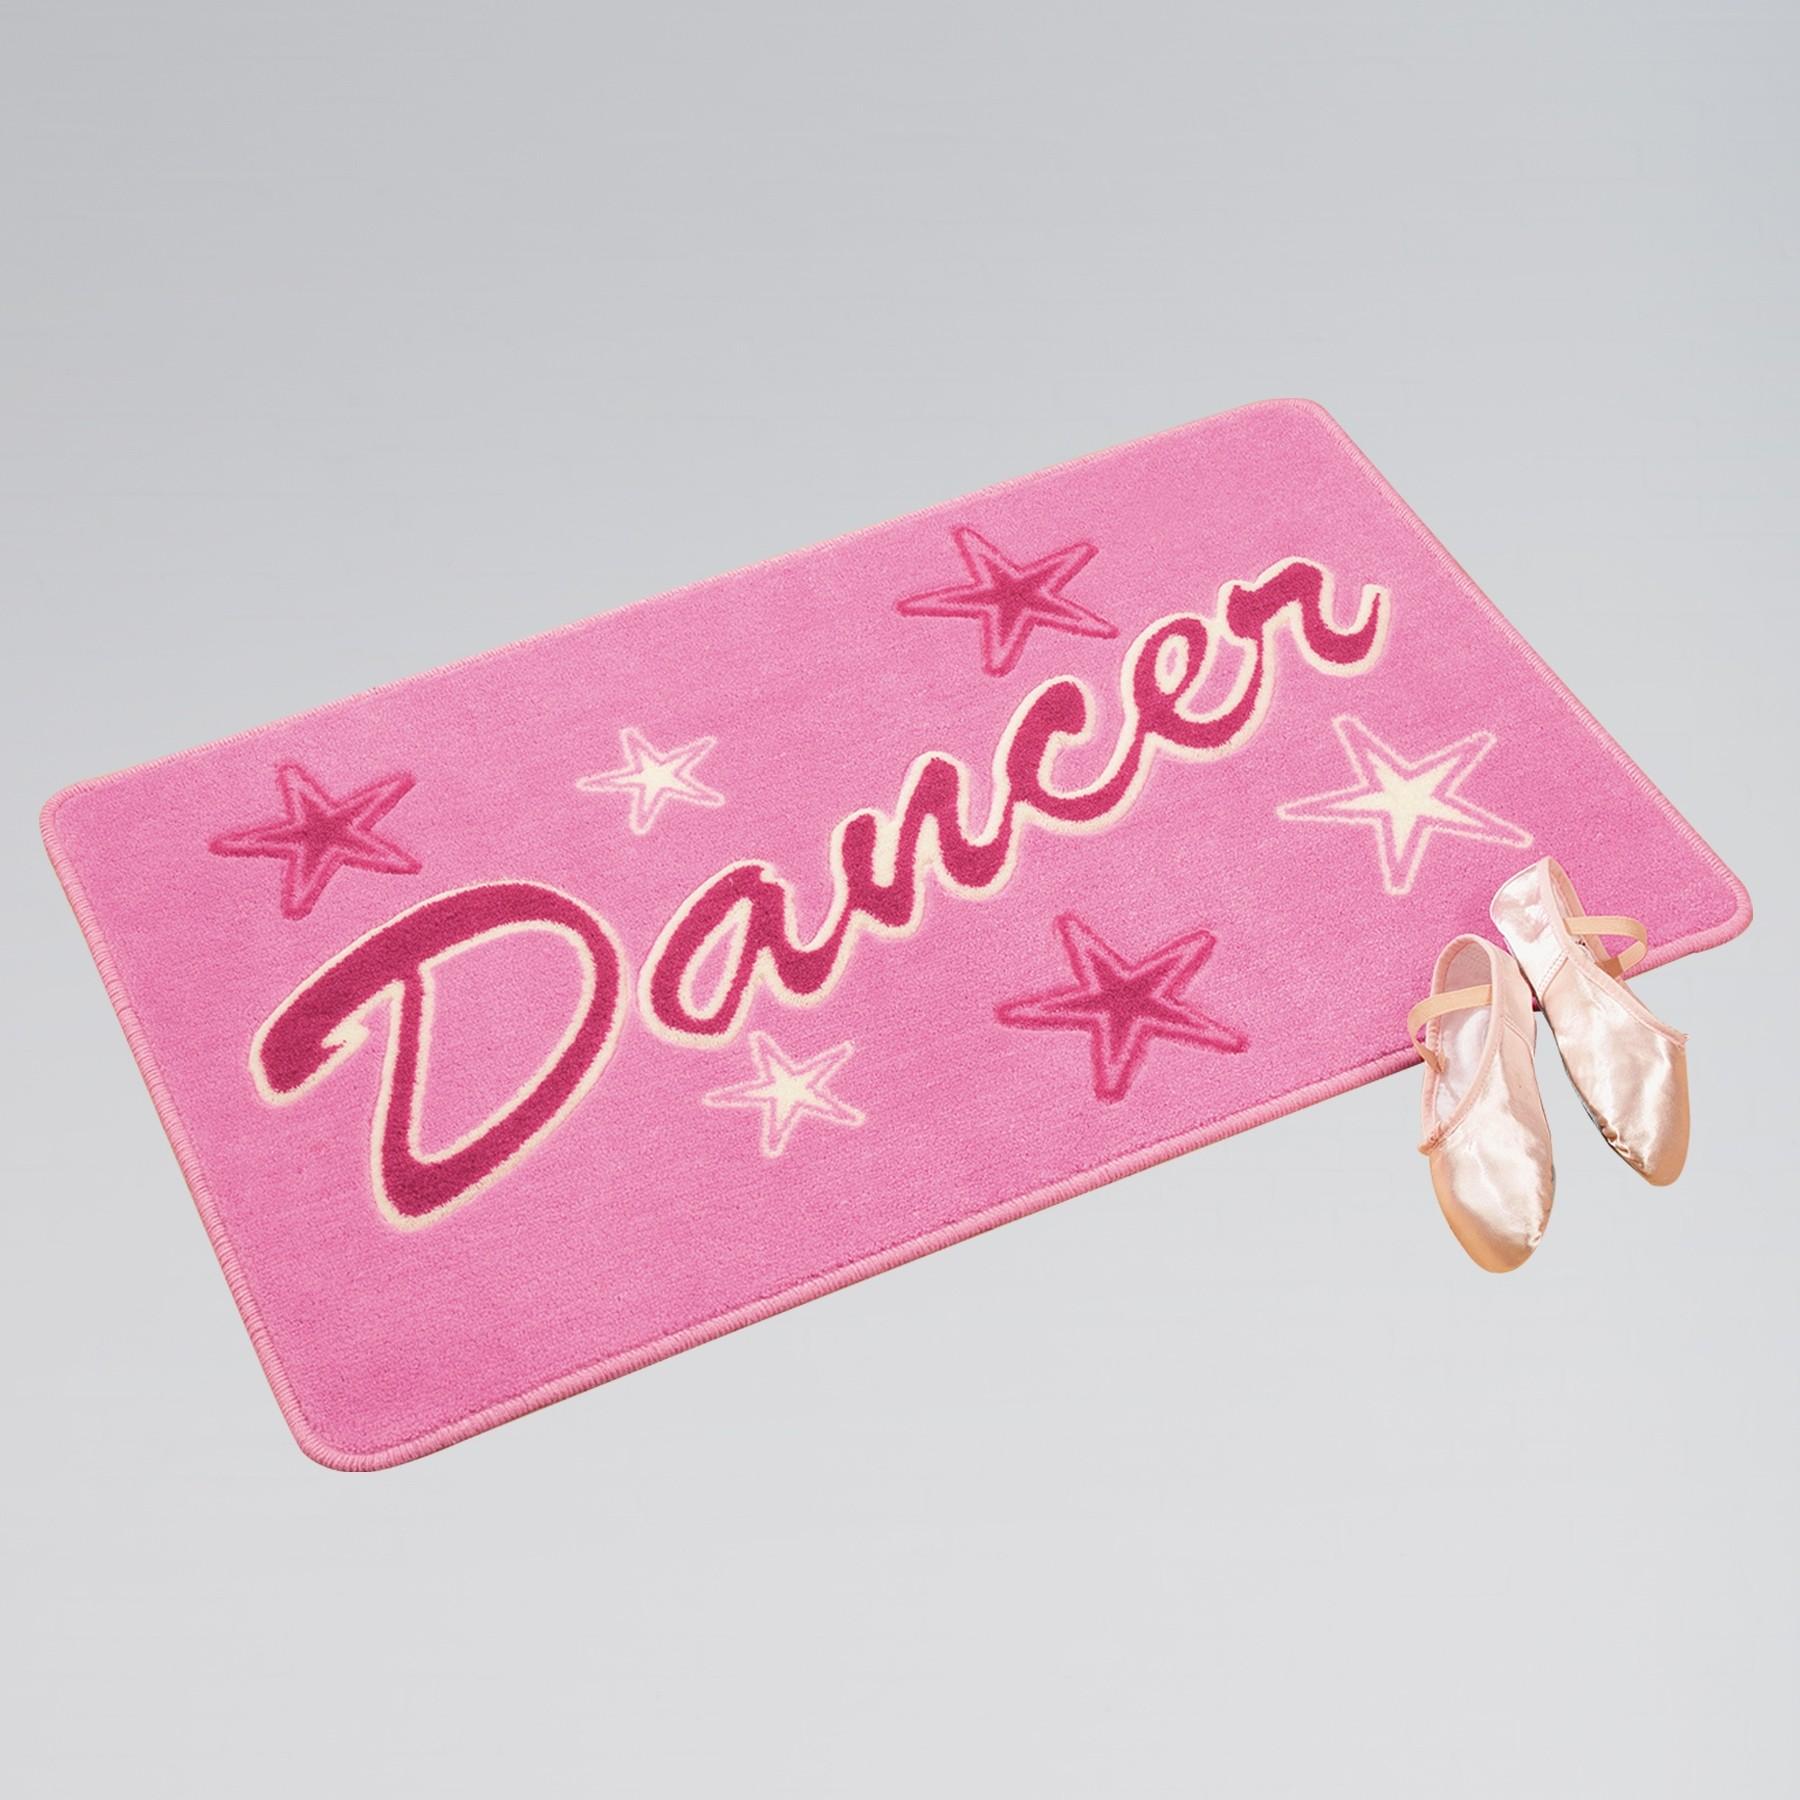 Pink Dancer Bedroom Rug